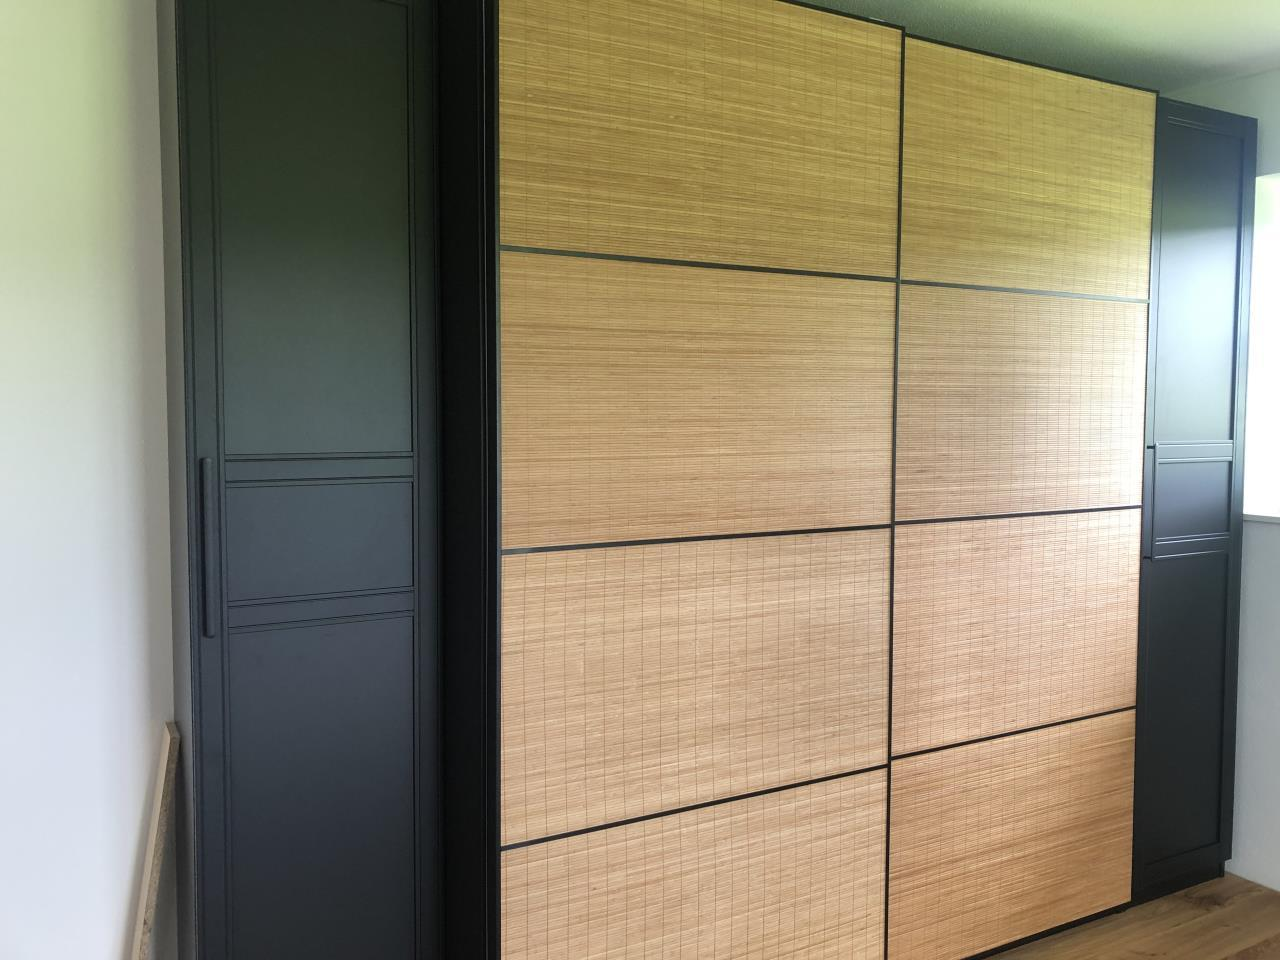 Ikea Kleiderschrank Pax Schiebetüren